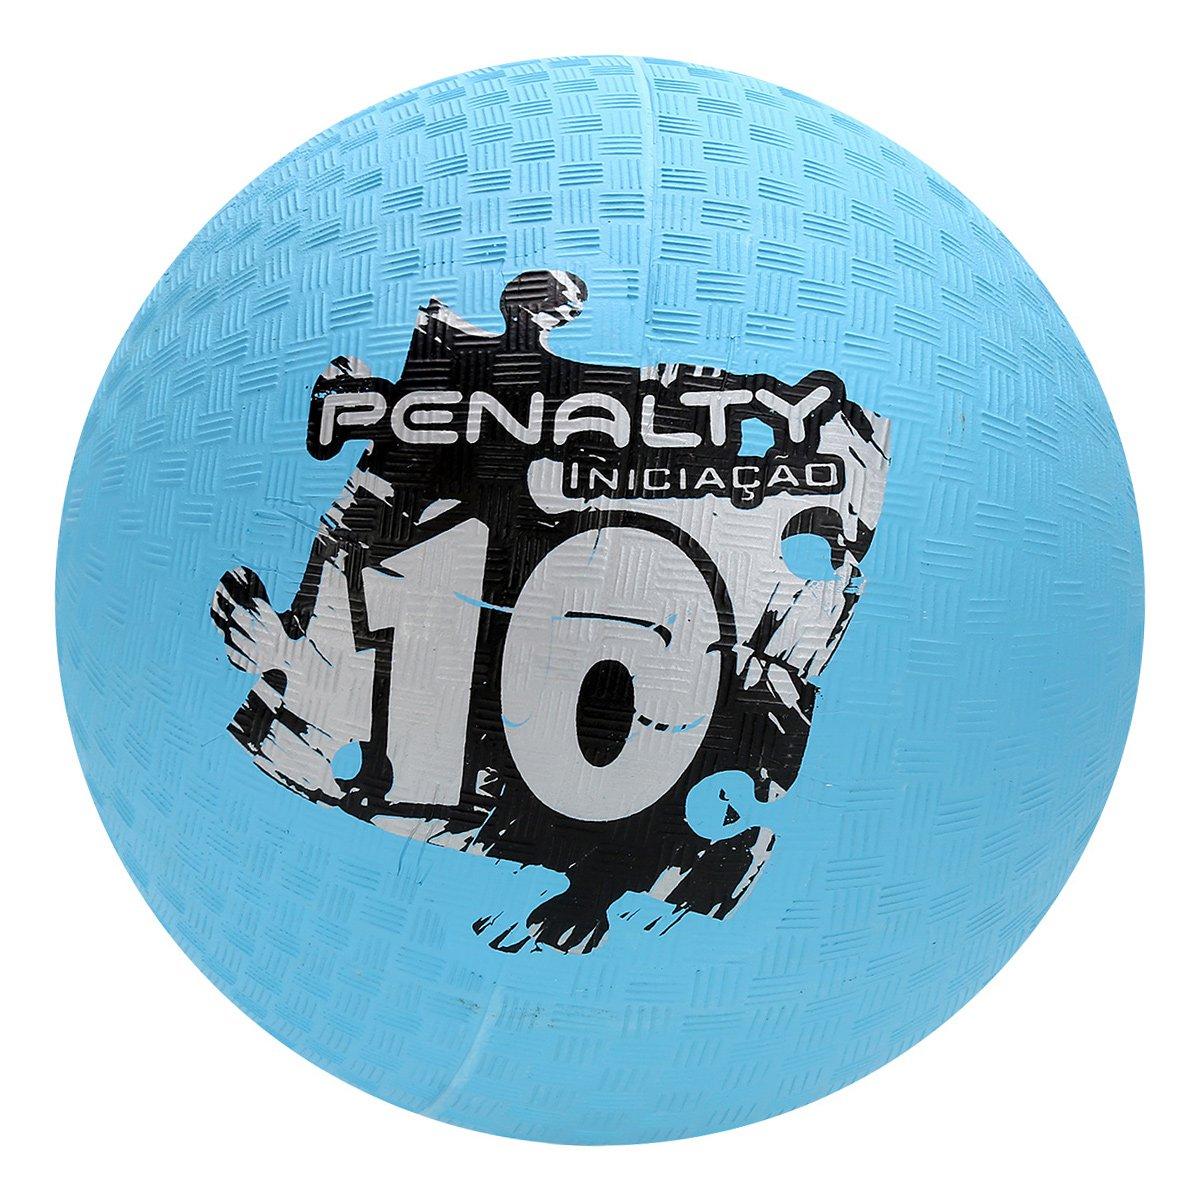 e503ded8d9 Bola Futebol Penalty Iniciação T10 7 Infantil